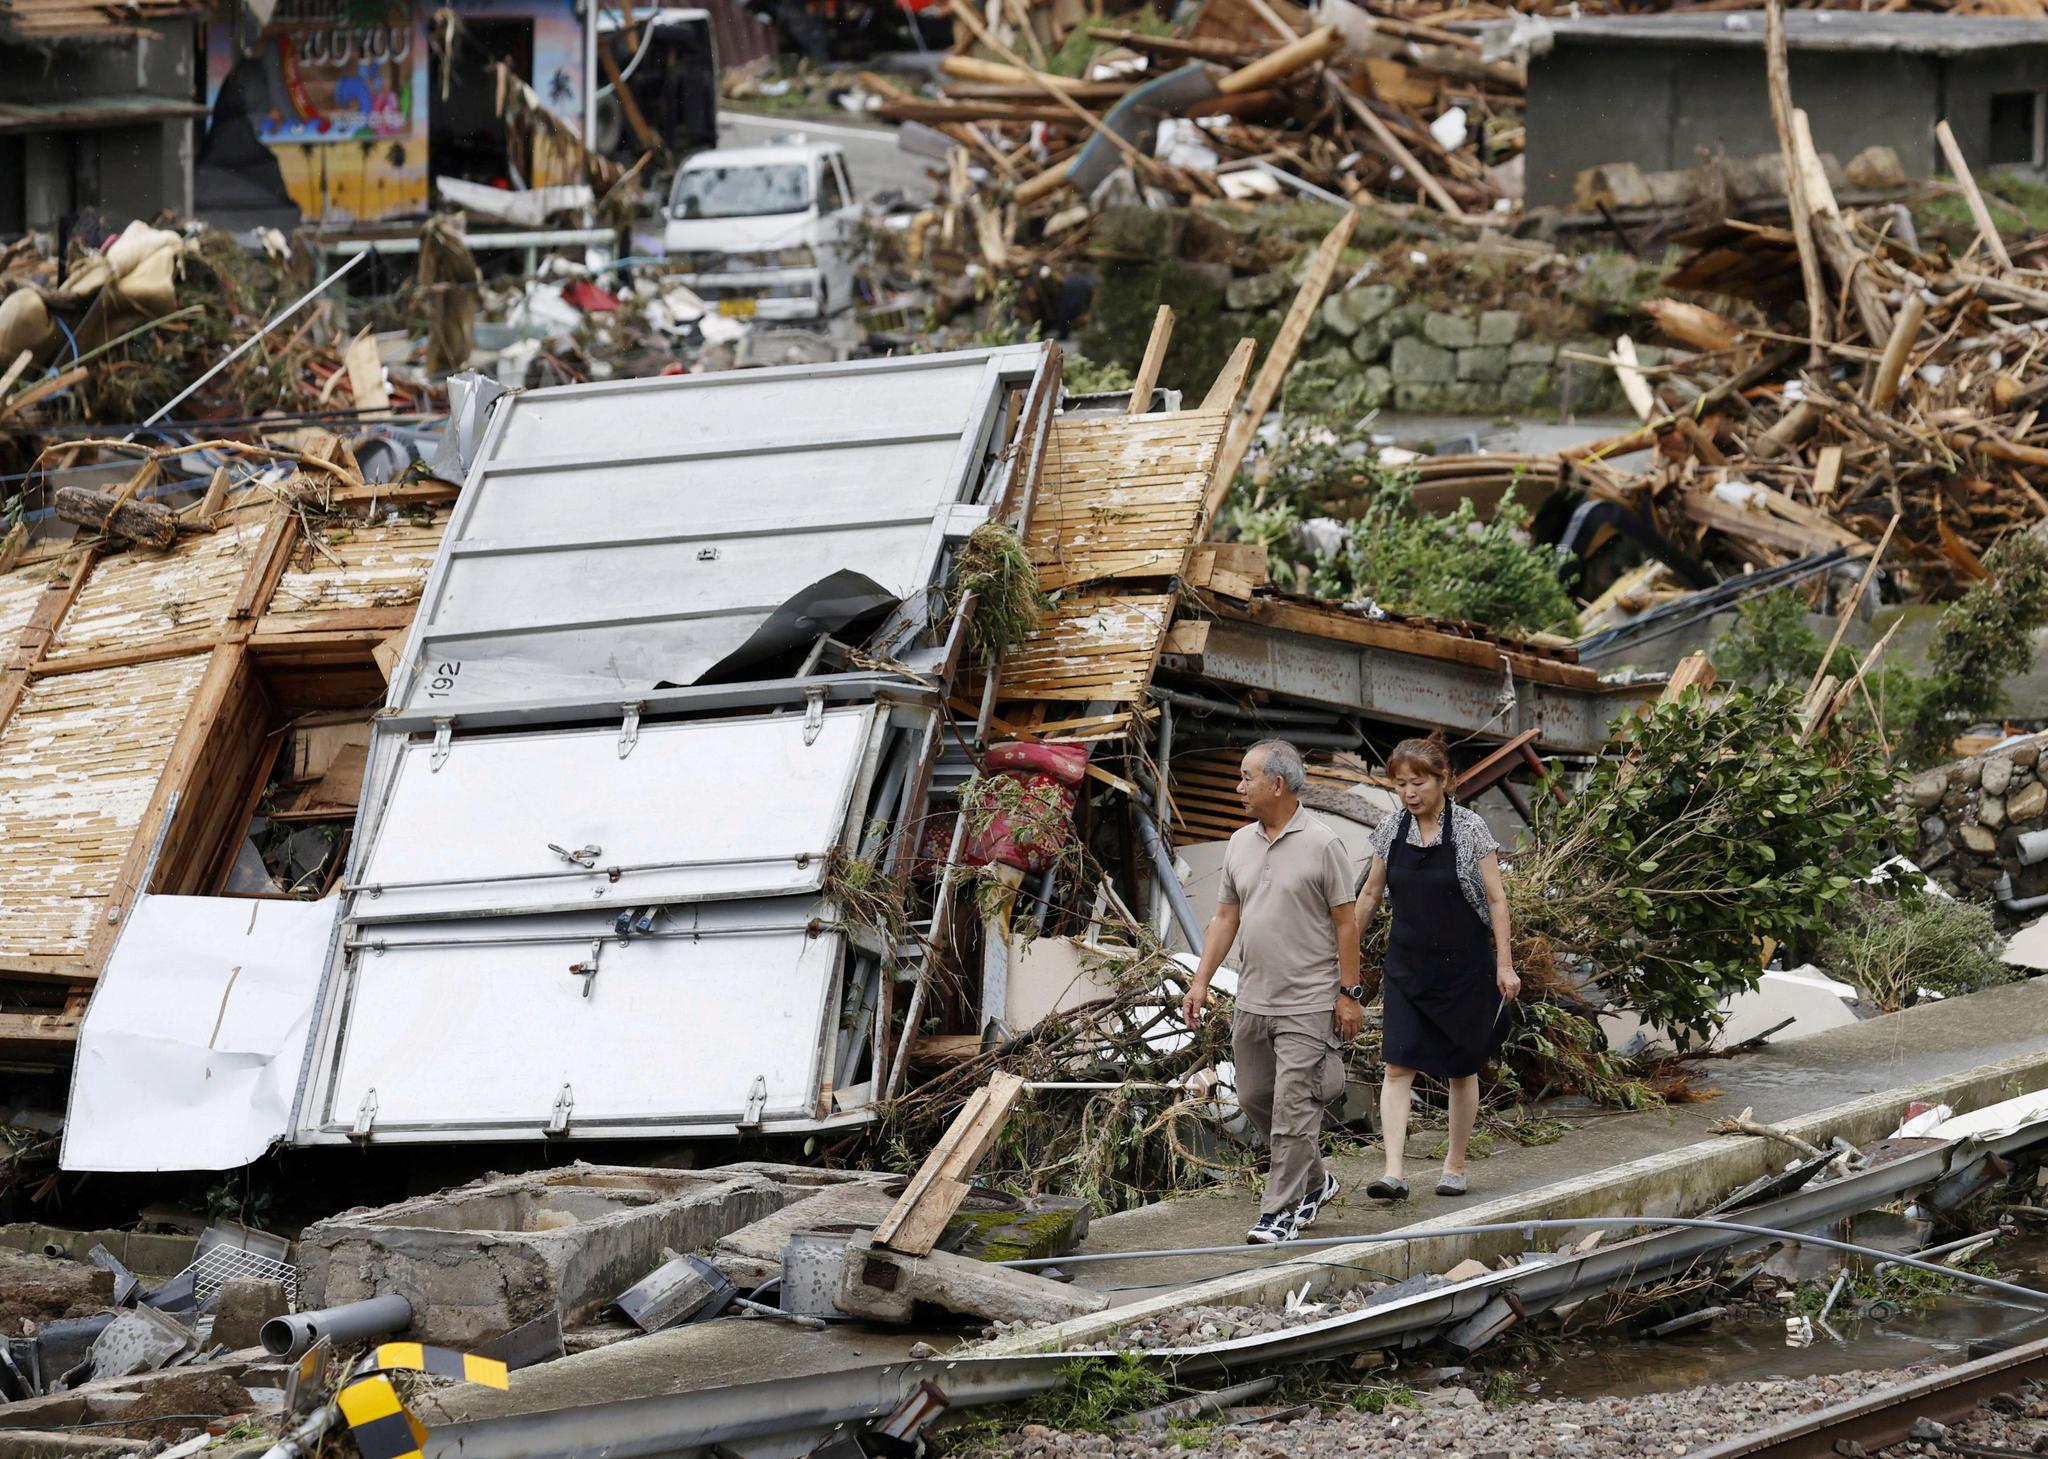 일본 규슈의 구마모토현 구마에서 6일 한 부부가 폭우에 무너진 부모의 집을 살펴보고 있다. 로이터=연합뉴스